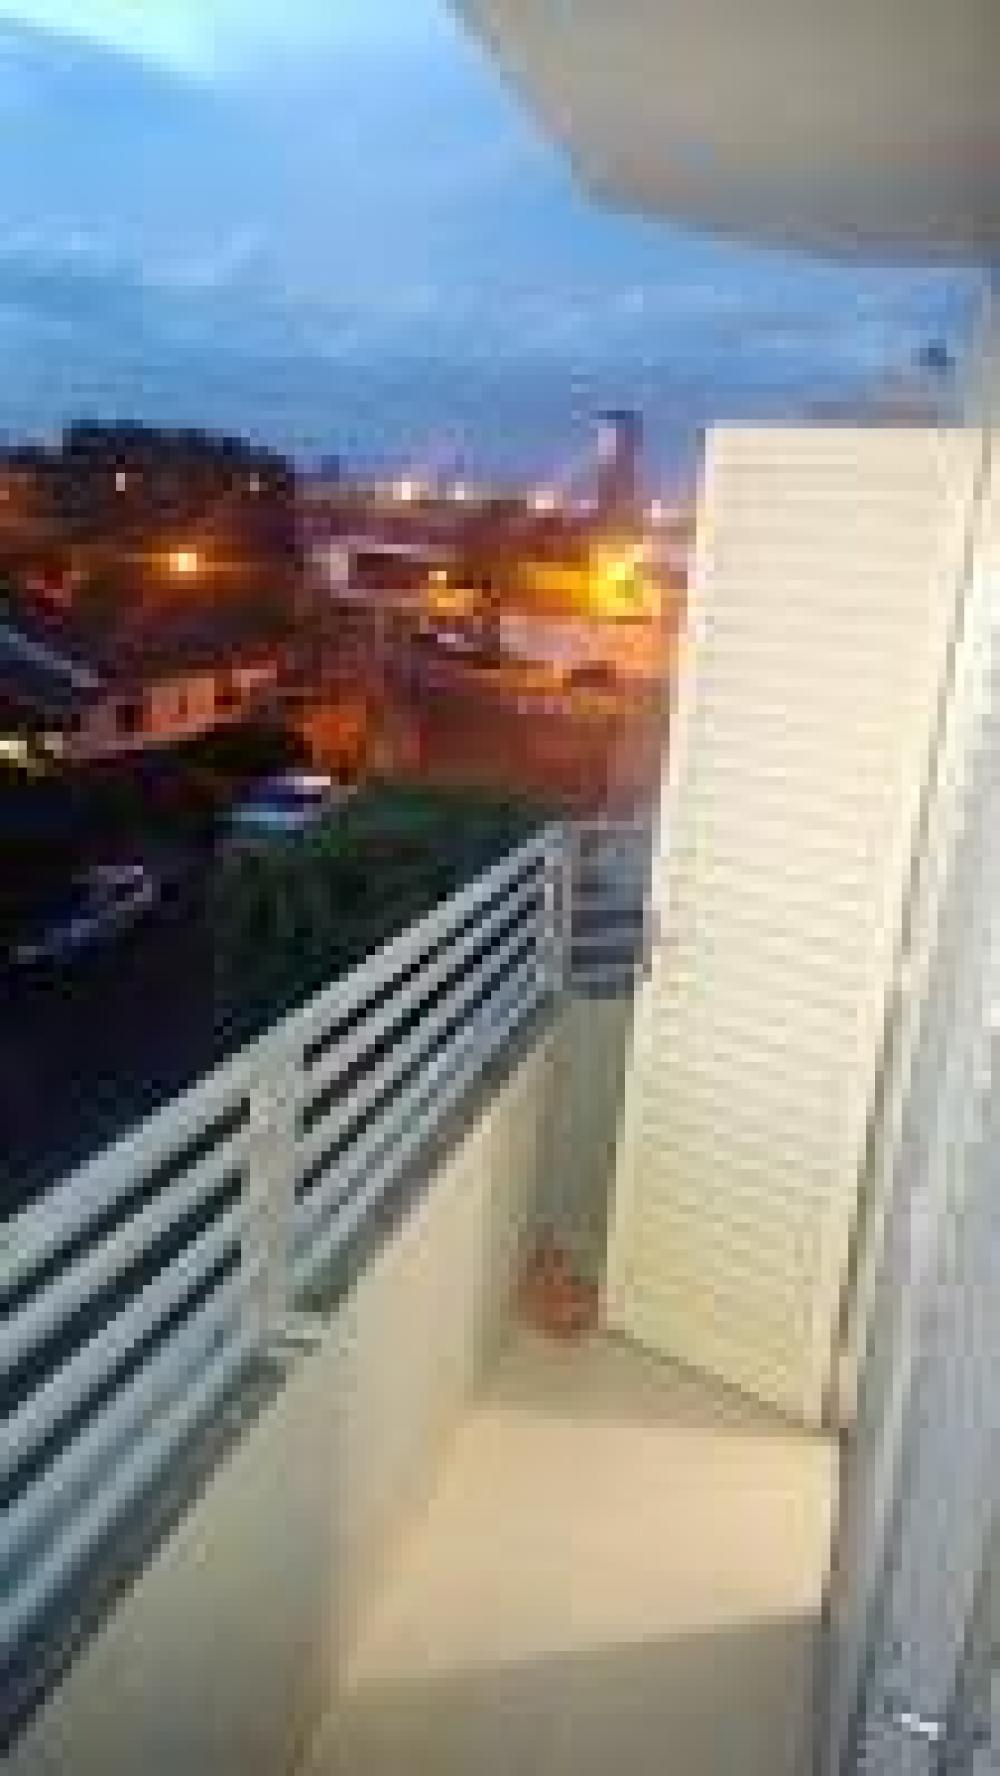 Comprar Apartamento / Padrão em São José do Rio Preto R$ 260.000,00 - Foto 7